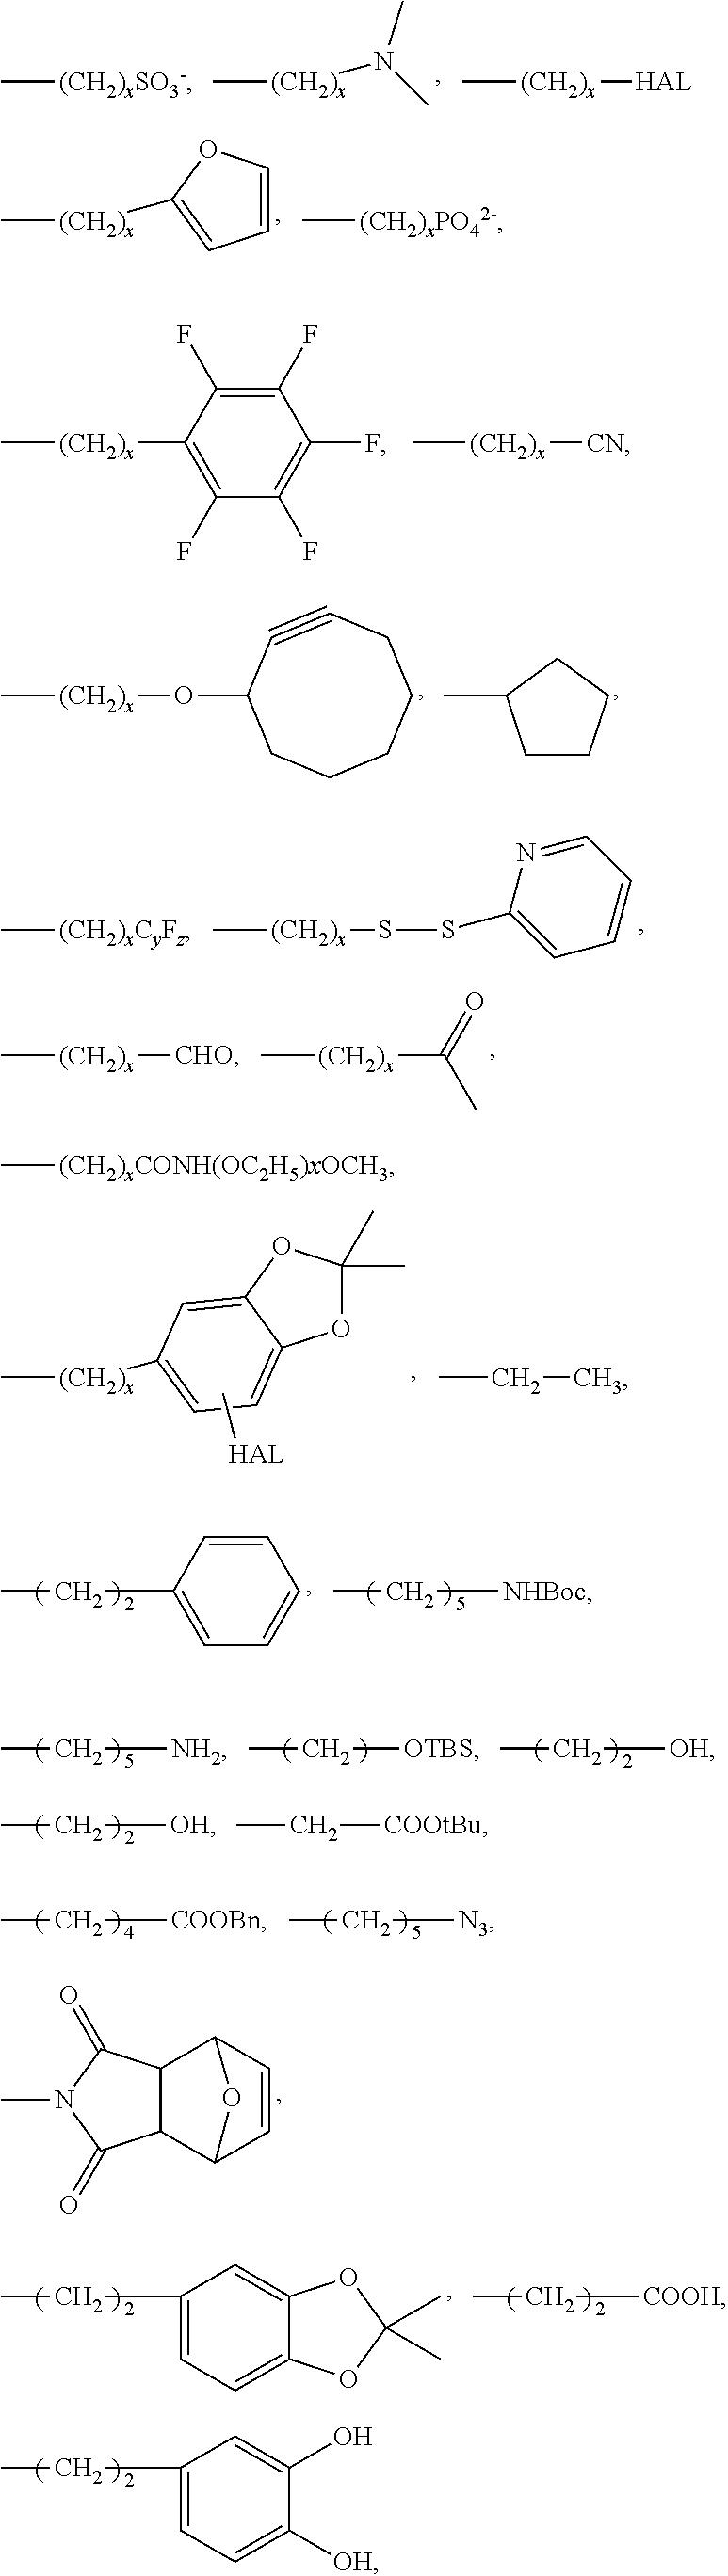 Figure US20150094422A1-20150402-C00005